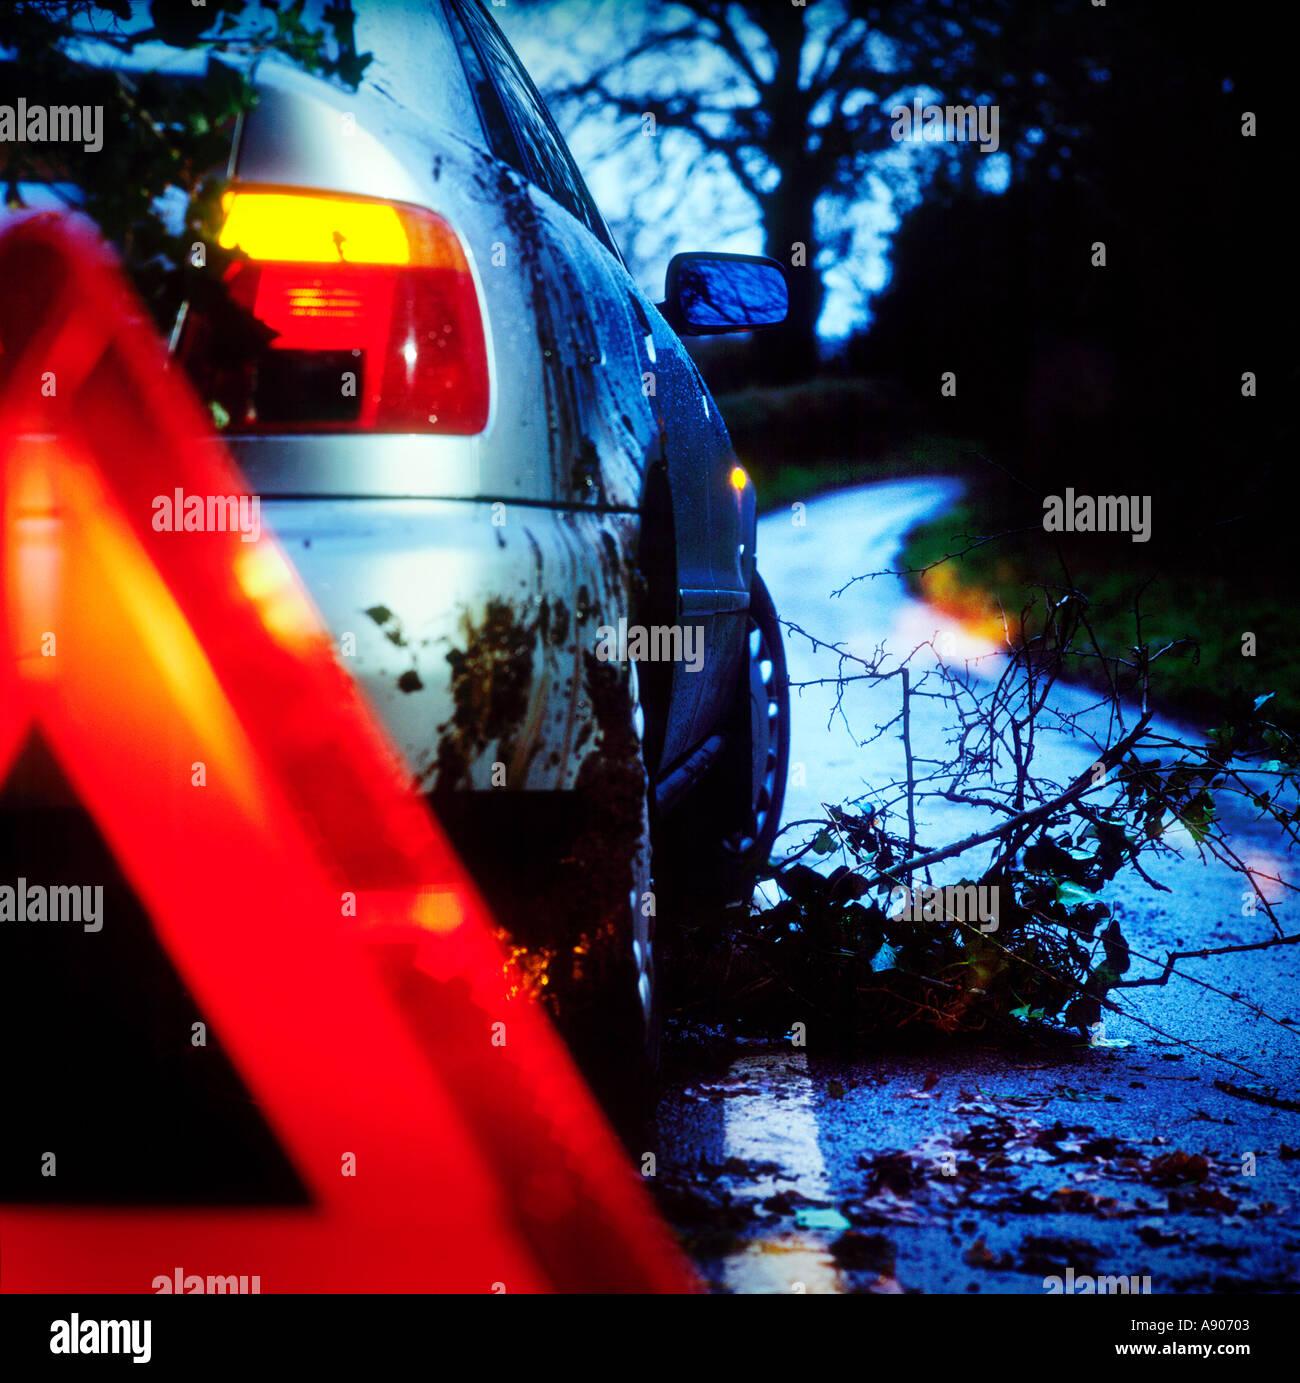 Wimbledon Stadium Lights: Car Crash Uk Night Stock Photos & Car Crash Uk Night Stock